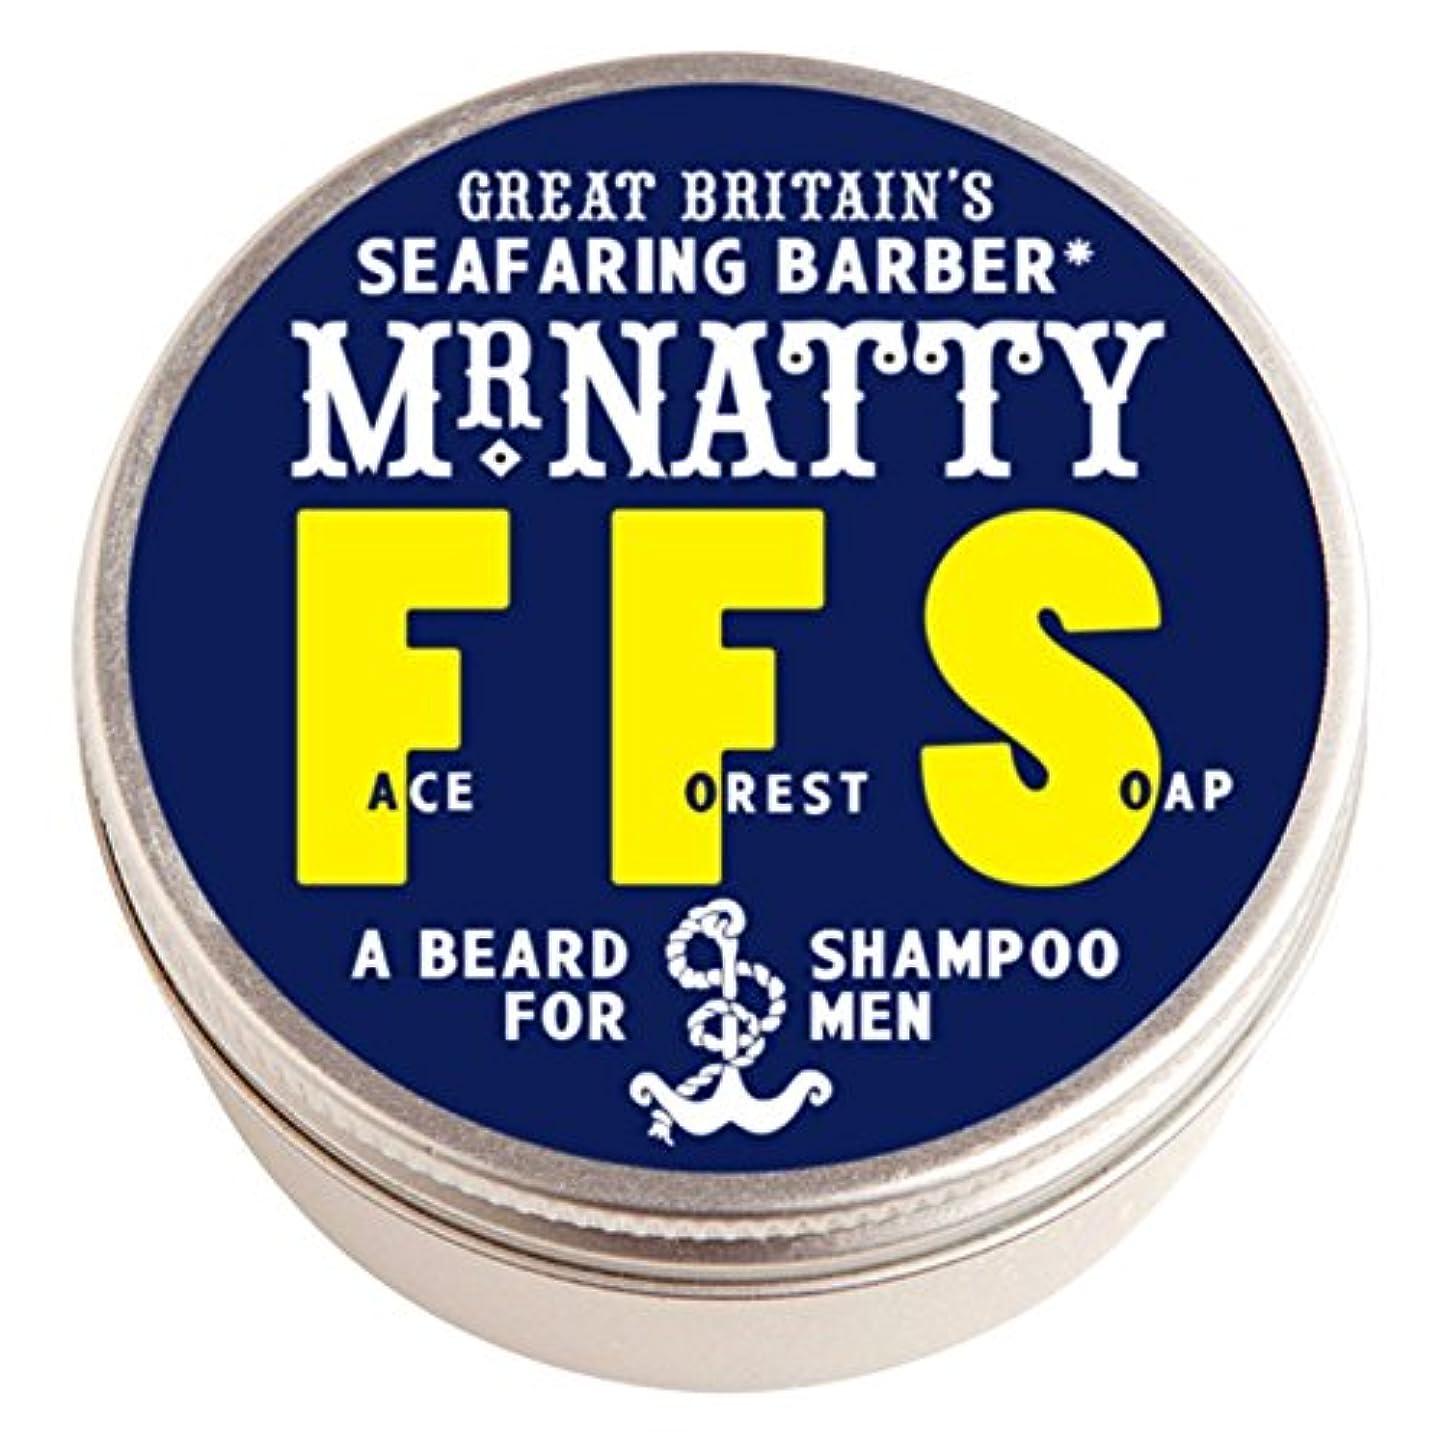 テラスベール排除するミスター粋の森林顔ひげシャンプー (Mr Natty) (x2) - Mr Natty's Forest Face Beard Shampoo (Pack of 2) [並行輸入品]